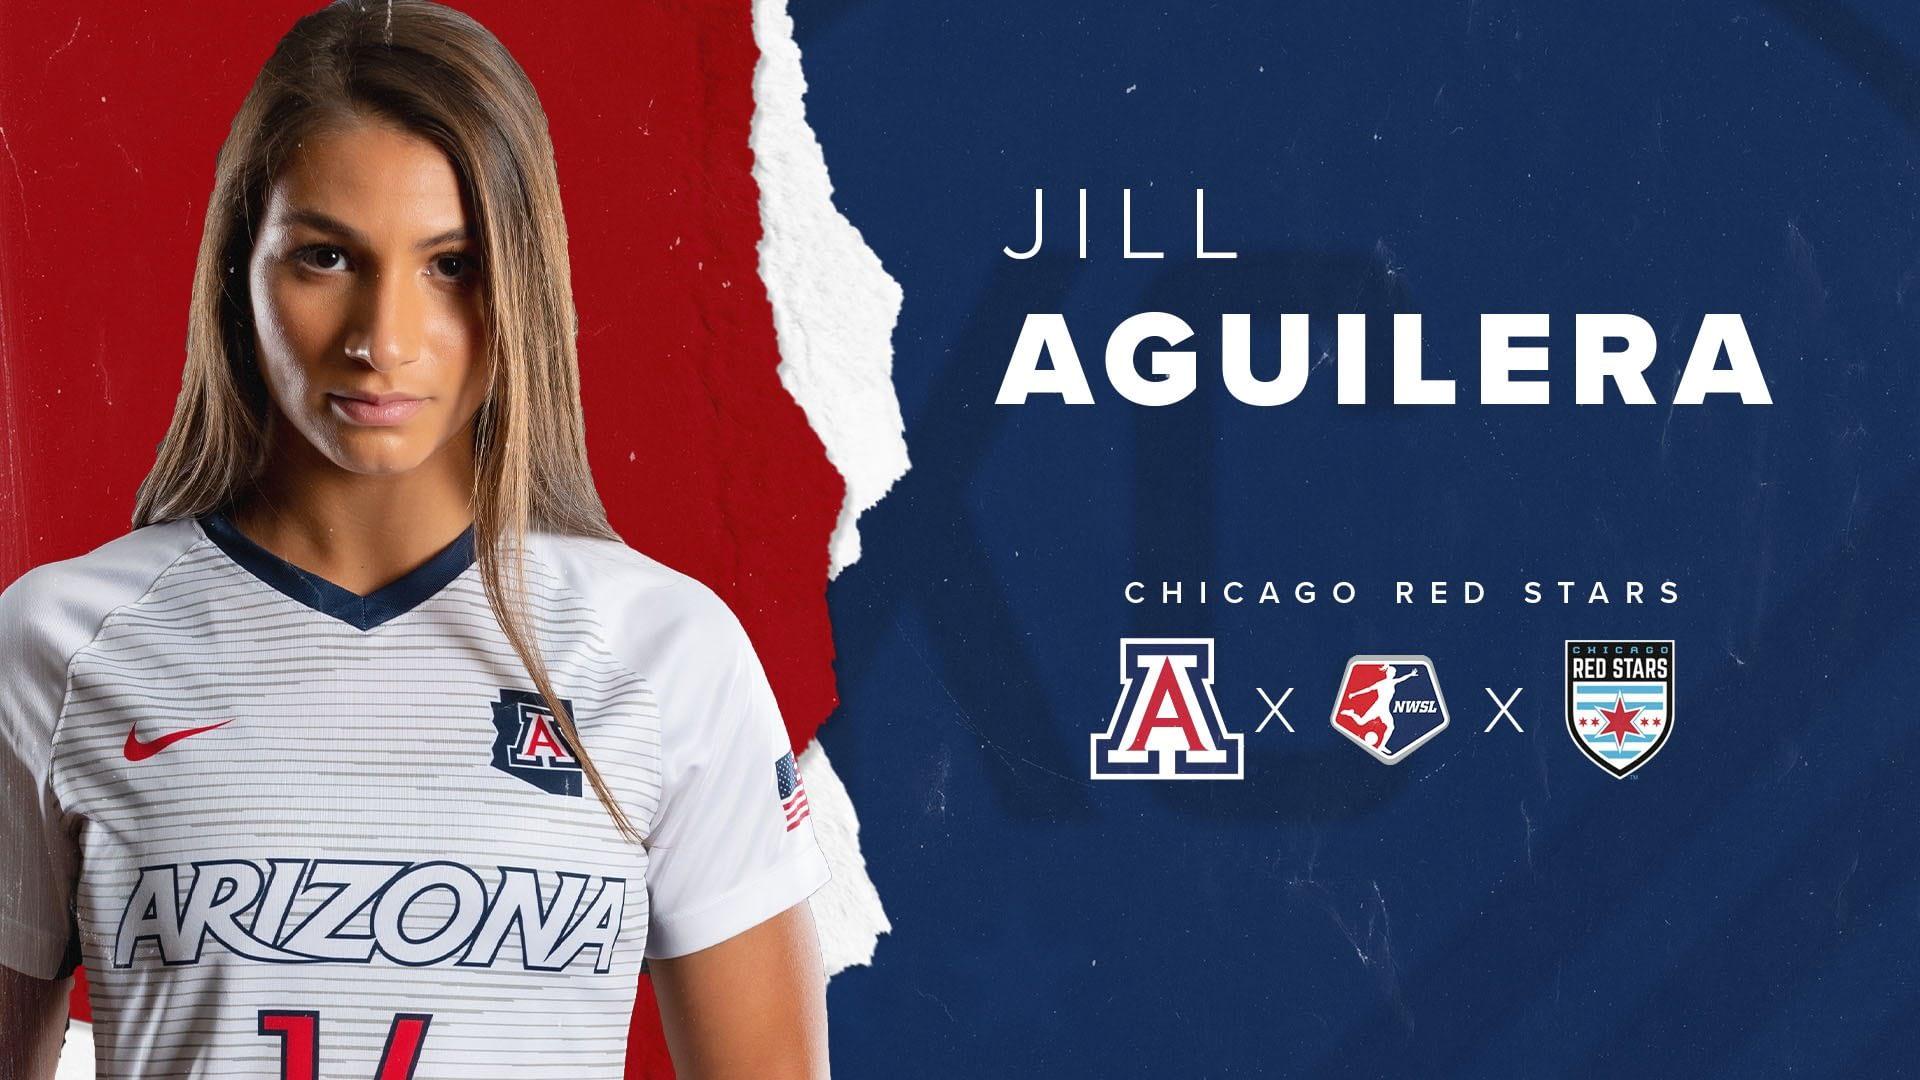 Jill-Aguilera